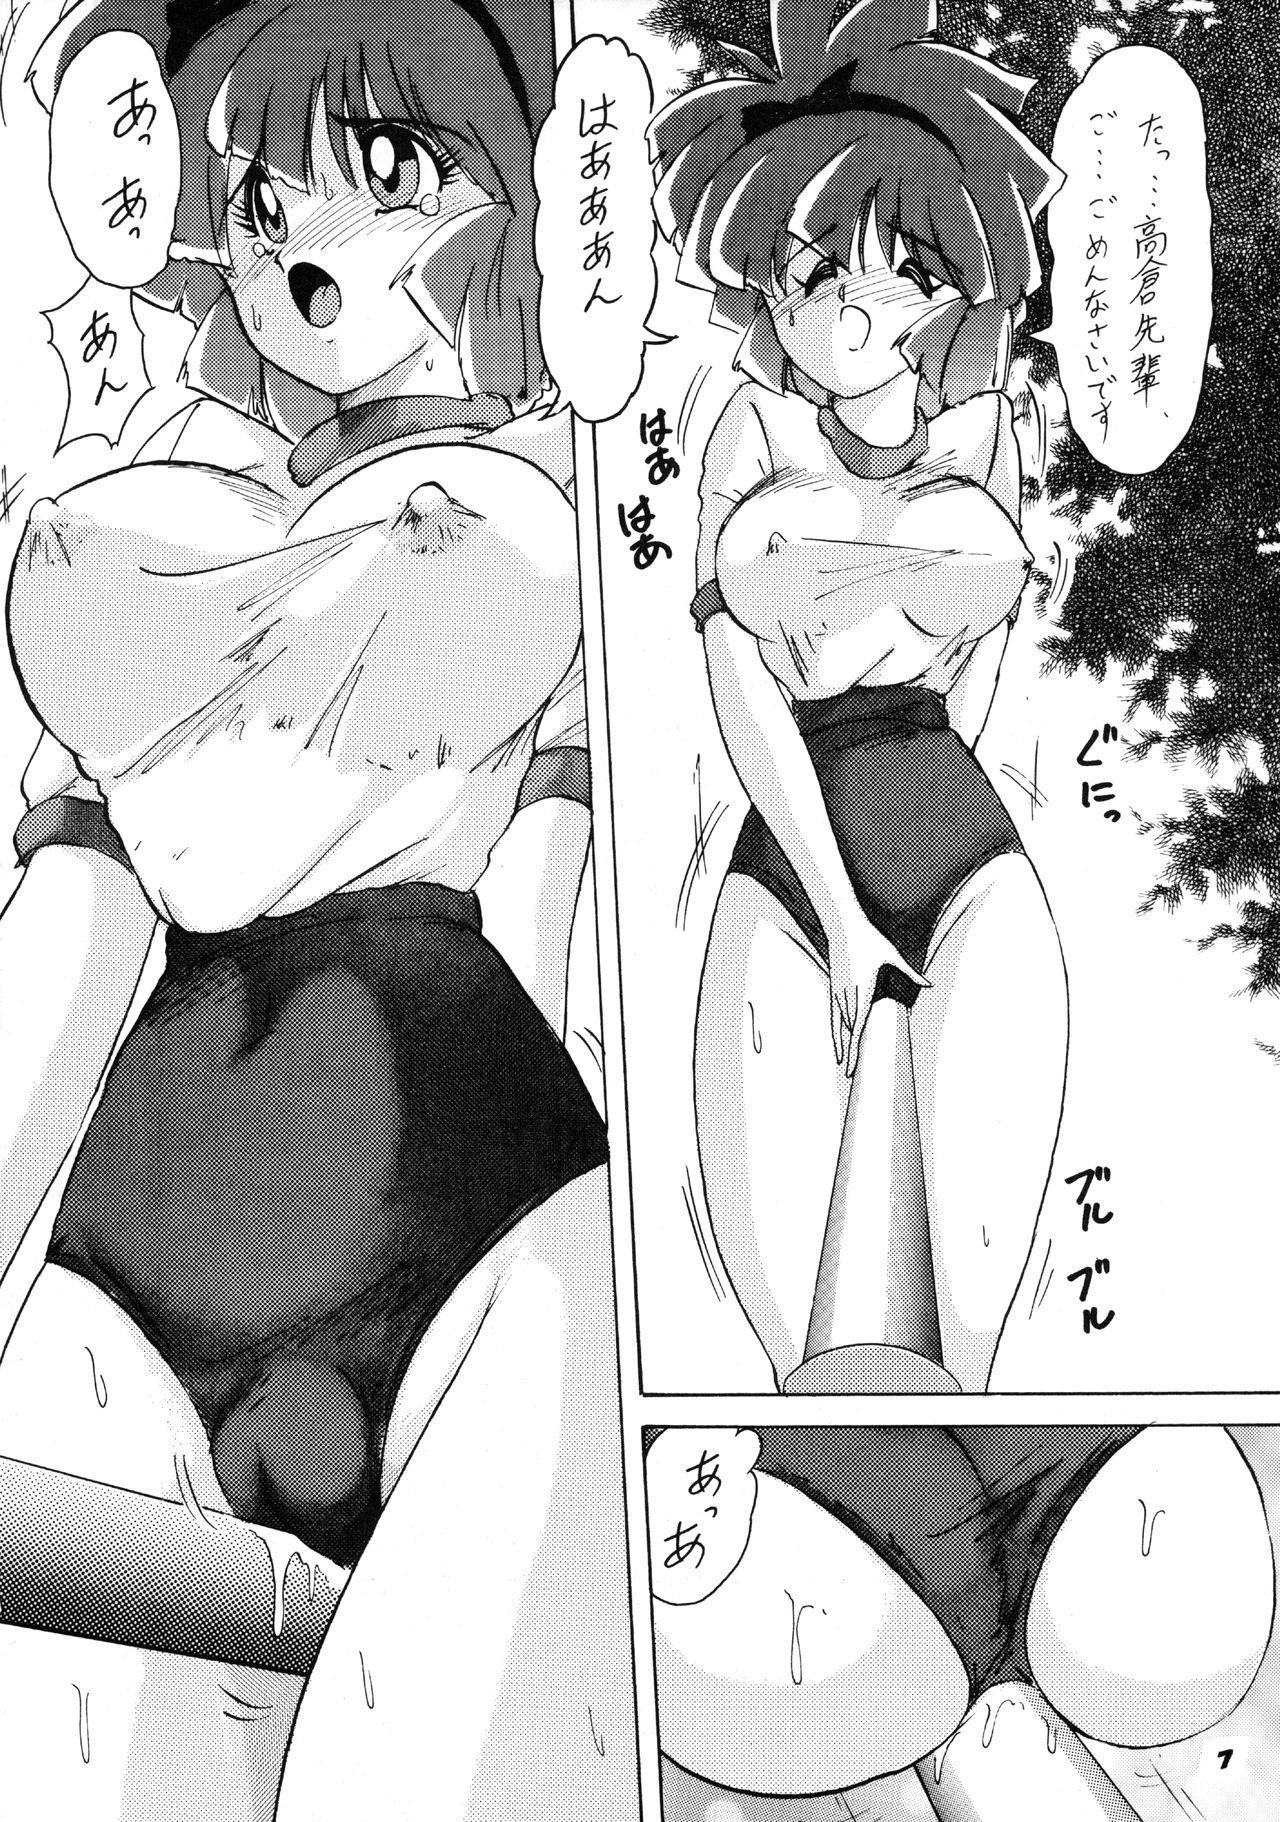 Mahoutsukai Sugi 7